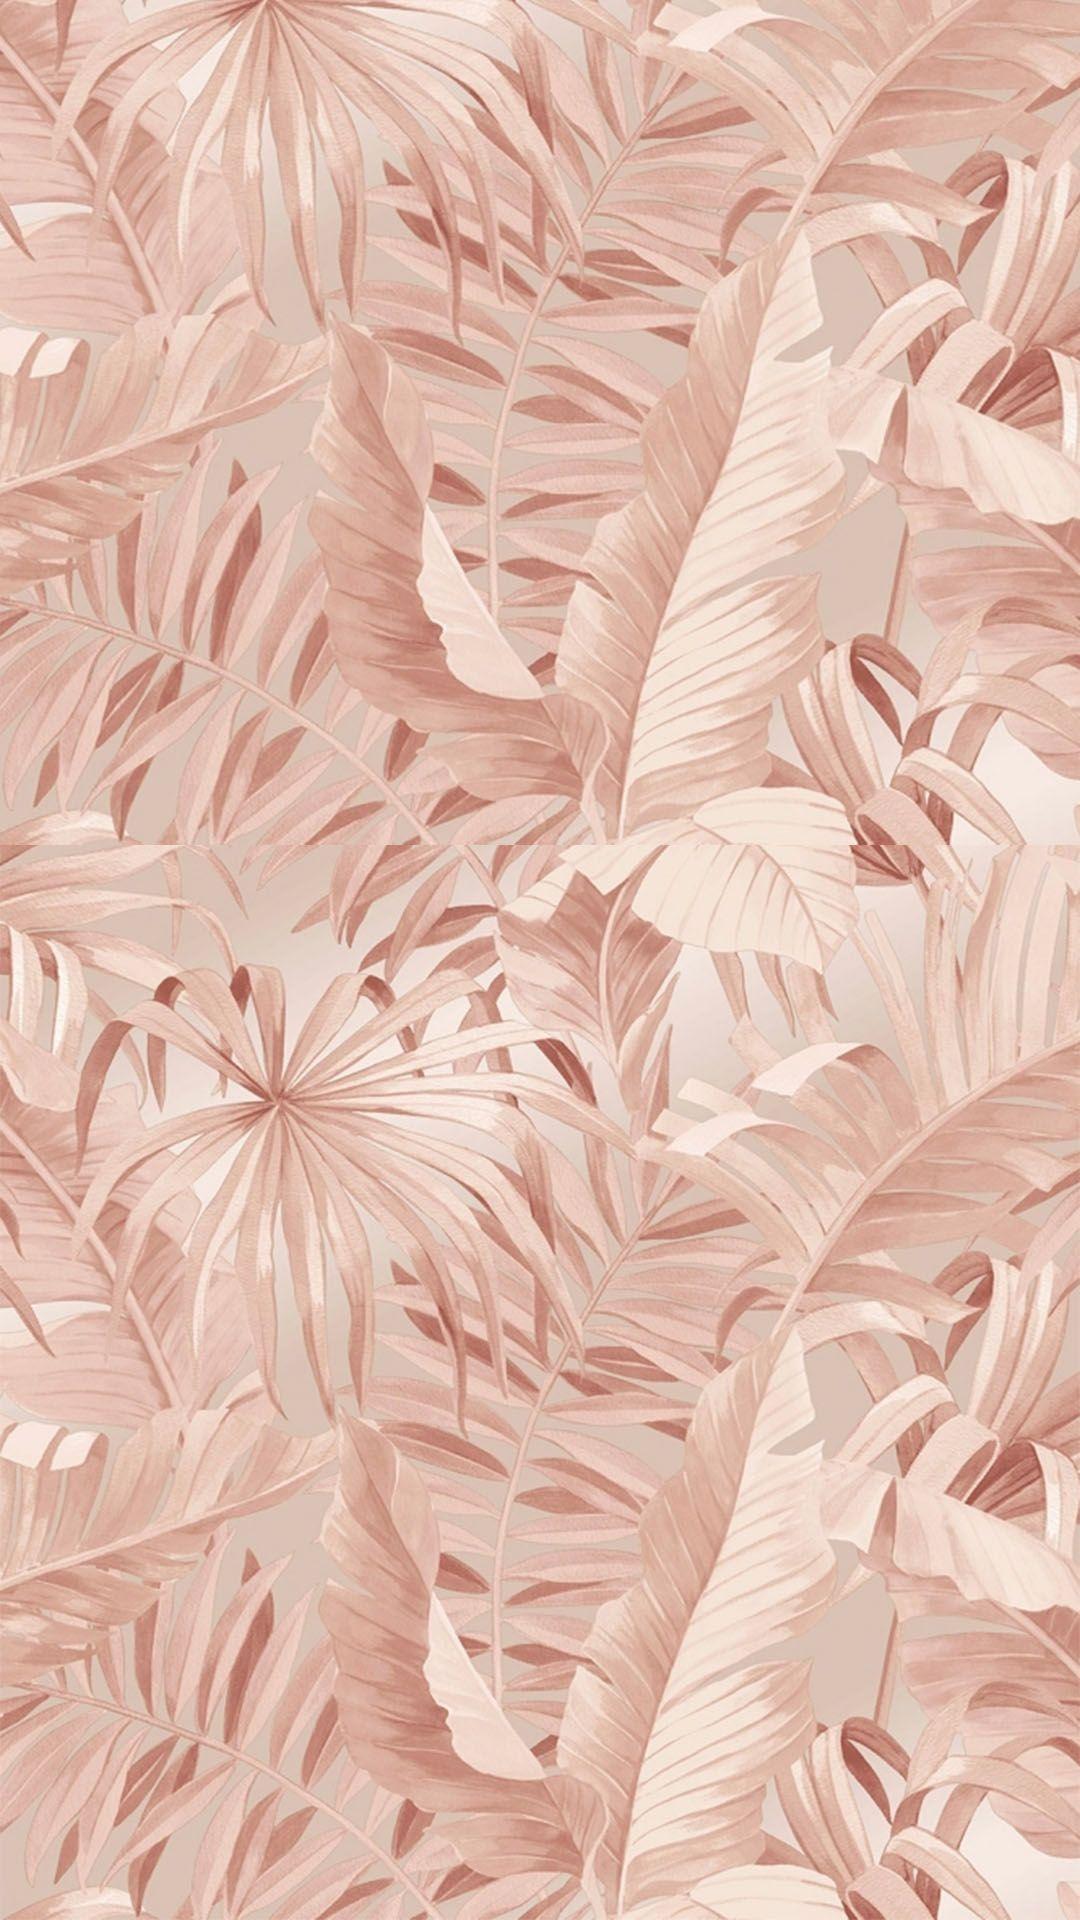 Palma Tropical Wallpaper Blush Gold Wallpaper Background Tropical Wallpaper Rose Gold Wallpaper